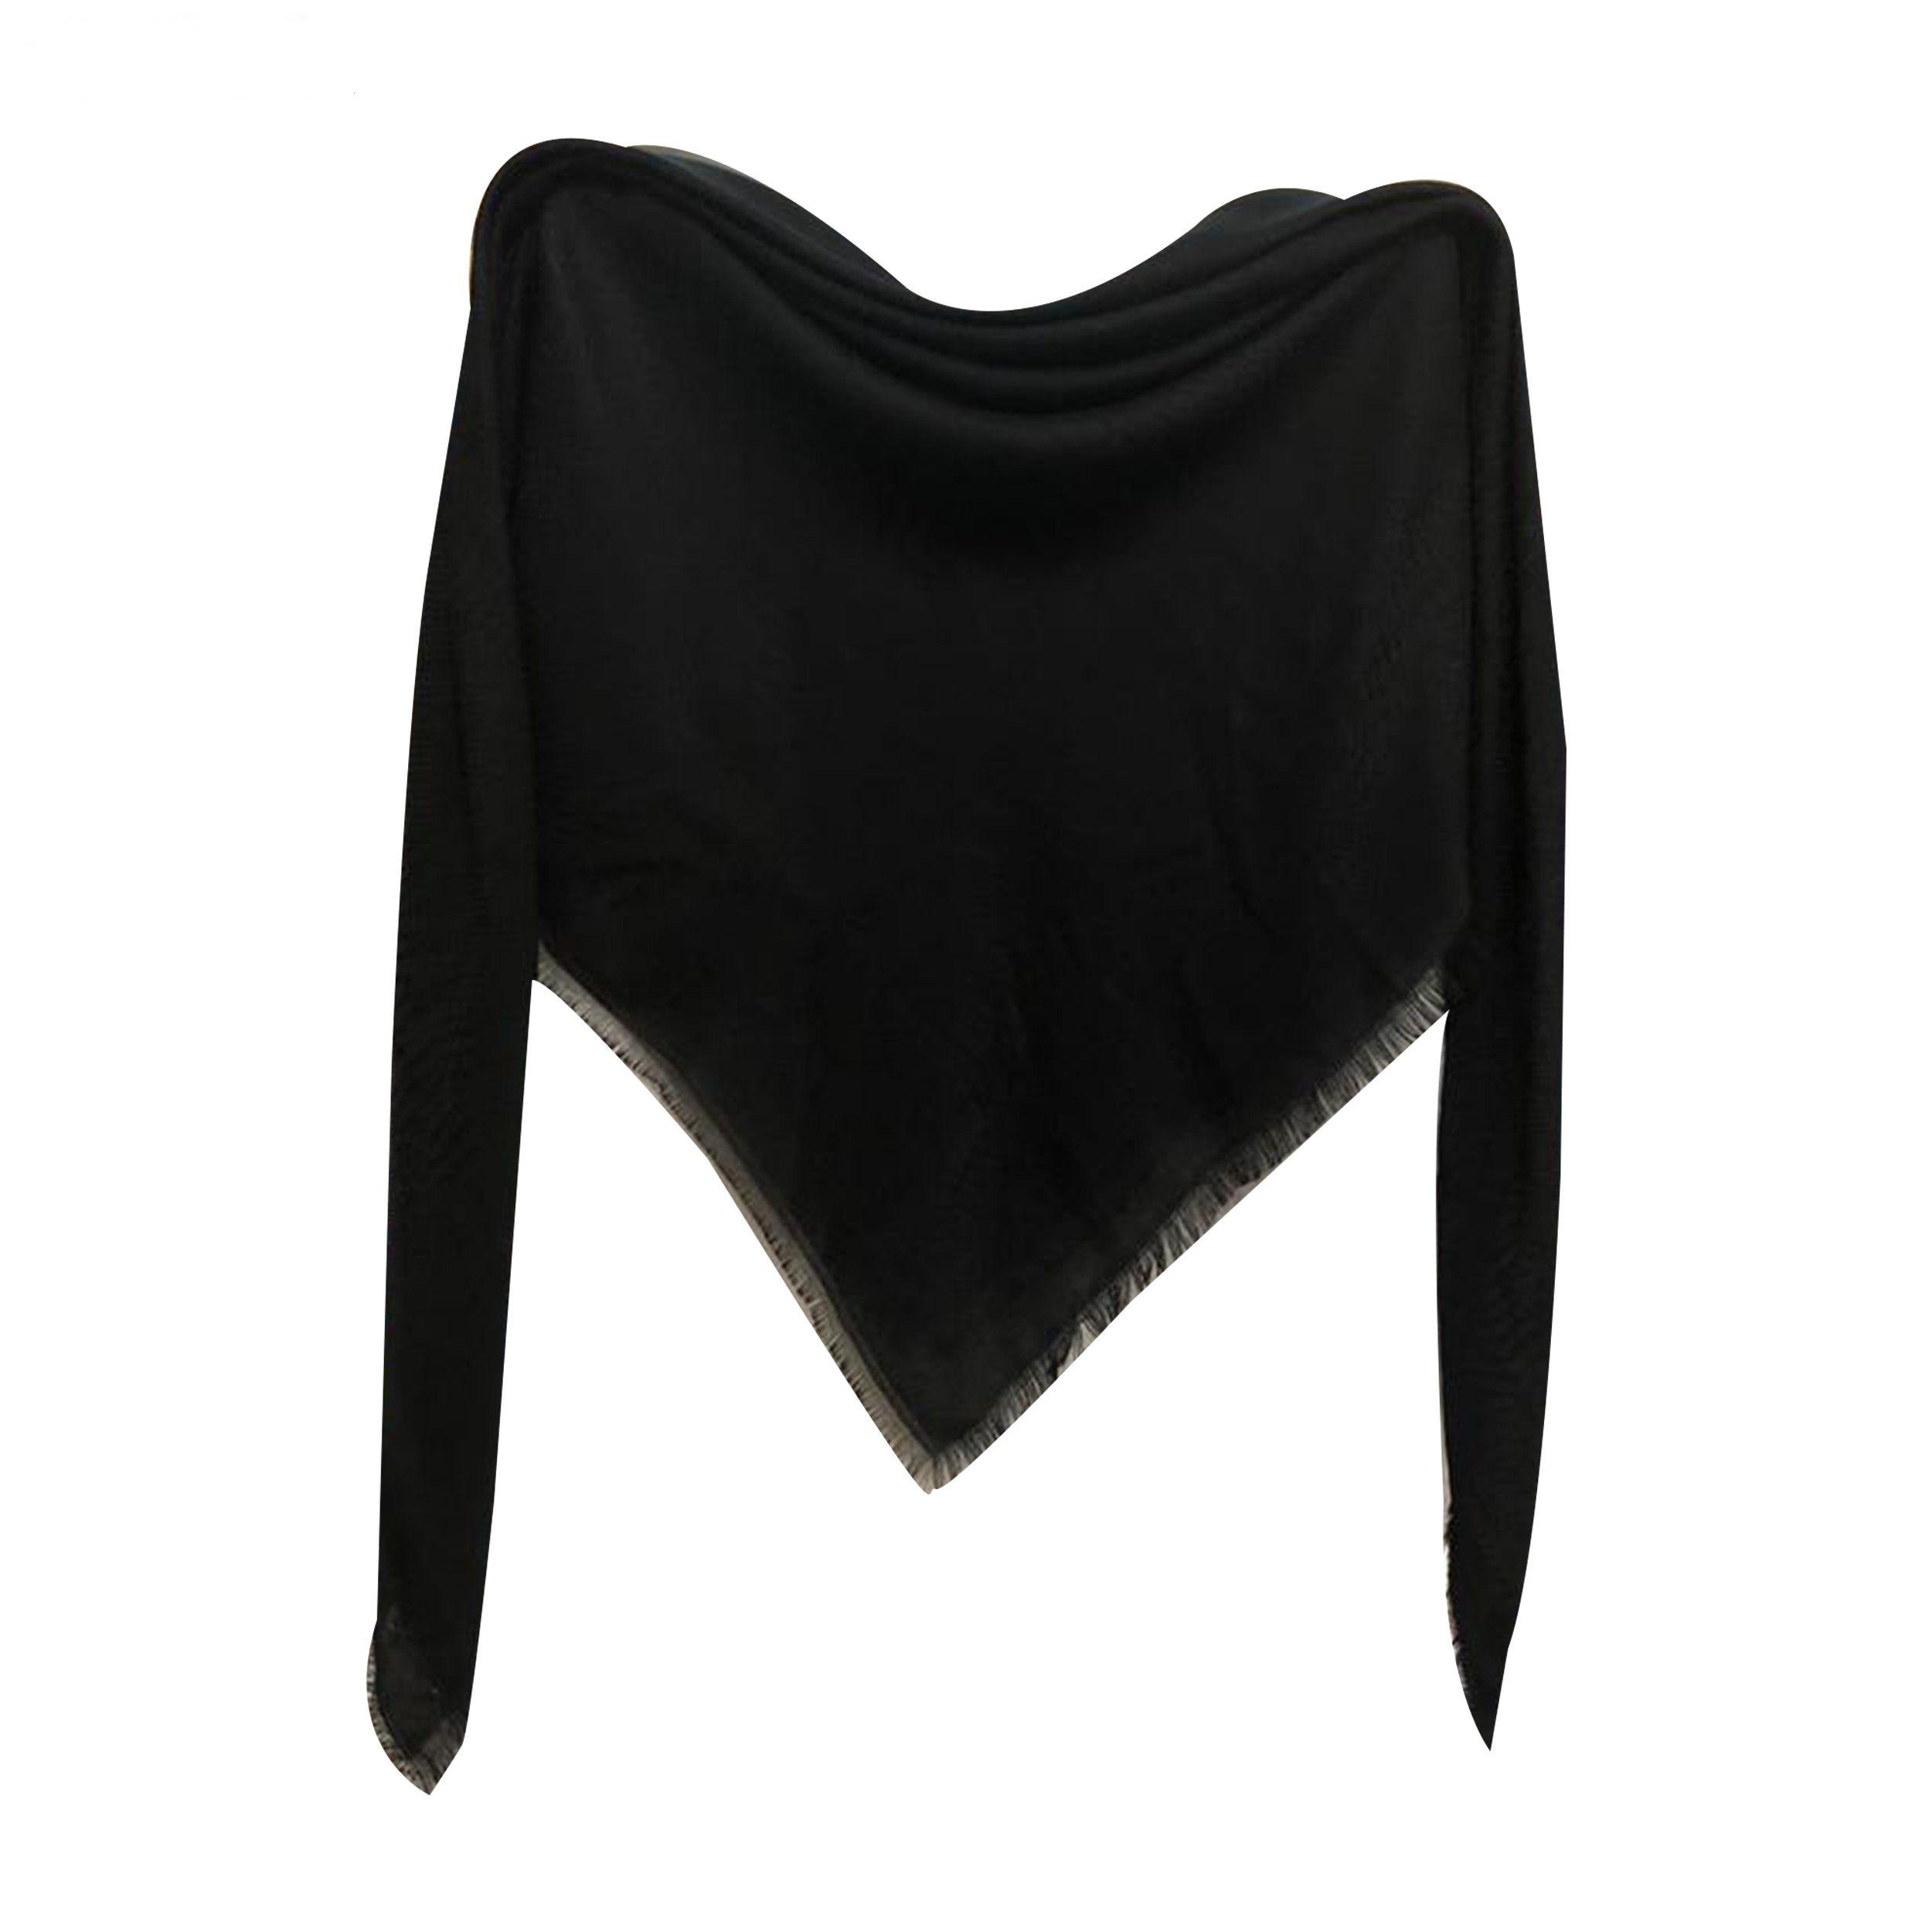 روسری زنانه نخی طرح پوست ماری قواره 140 مدل 625